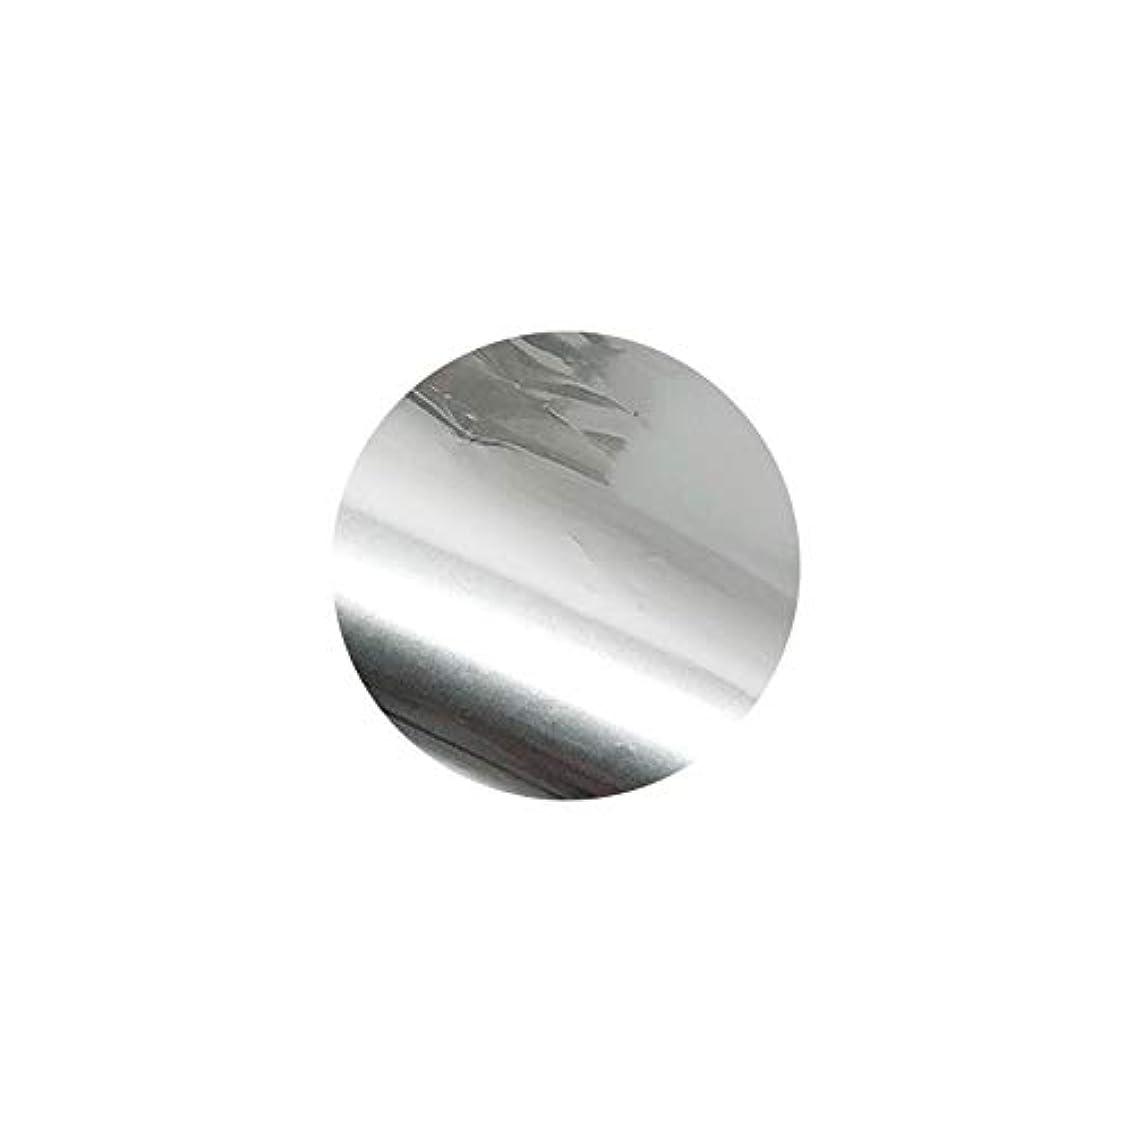 厄介な比喩スクワイアirogel イロジェルネイルアート ネイルホイル -メタリックカラー-【マットシルバー】